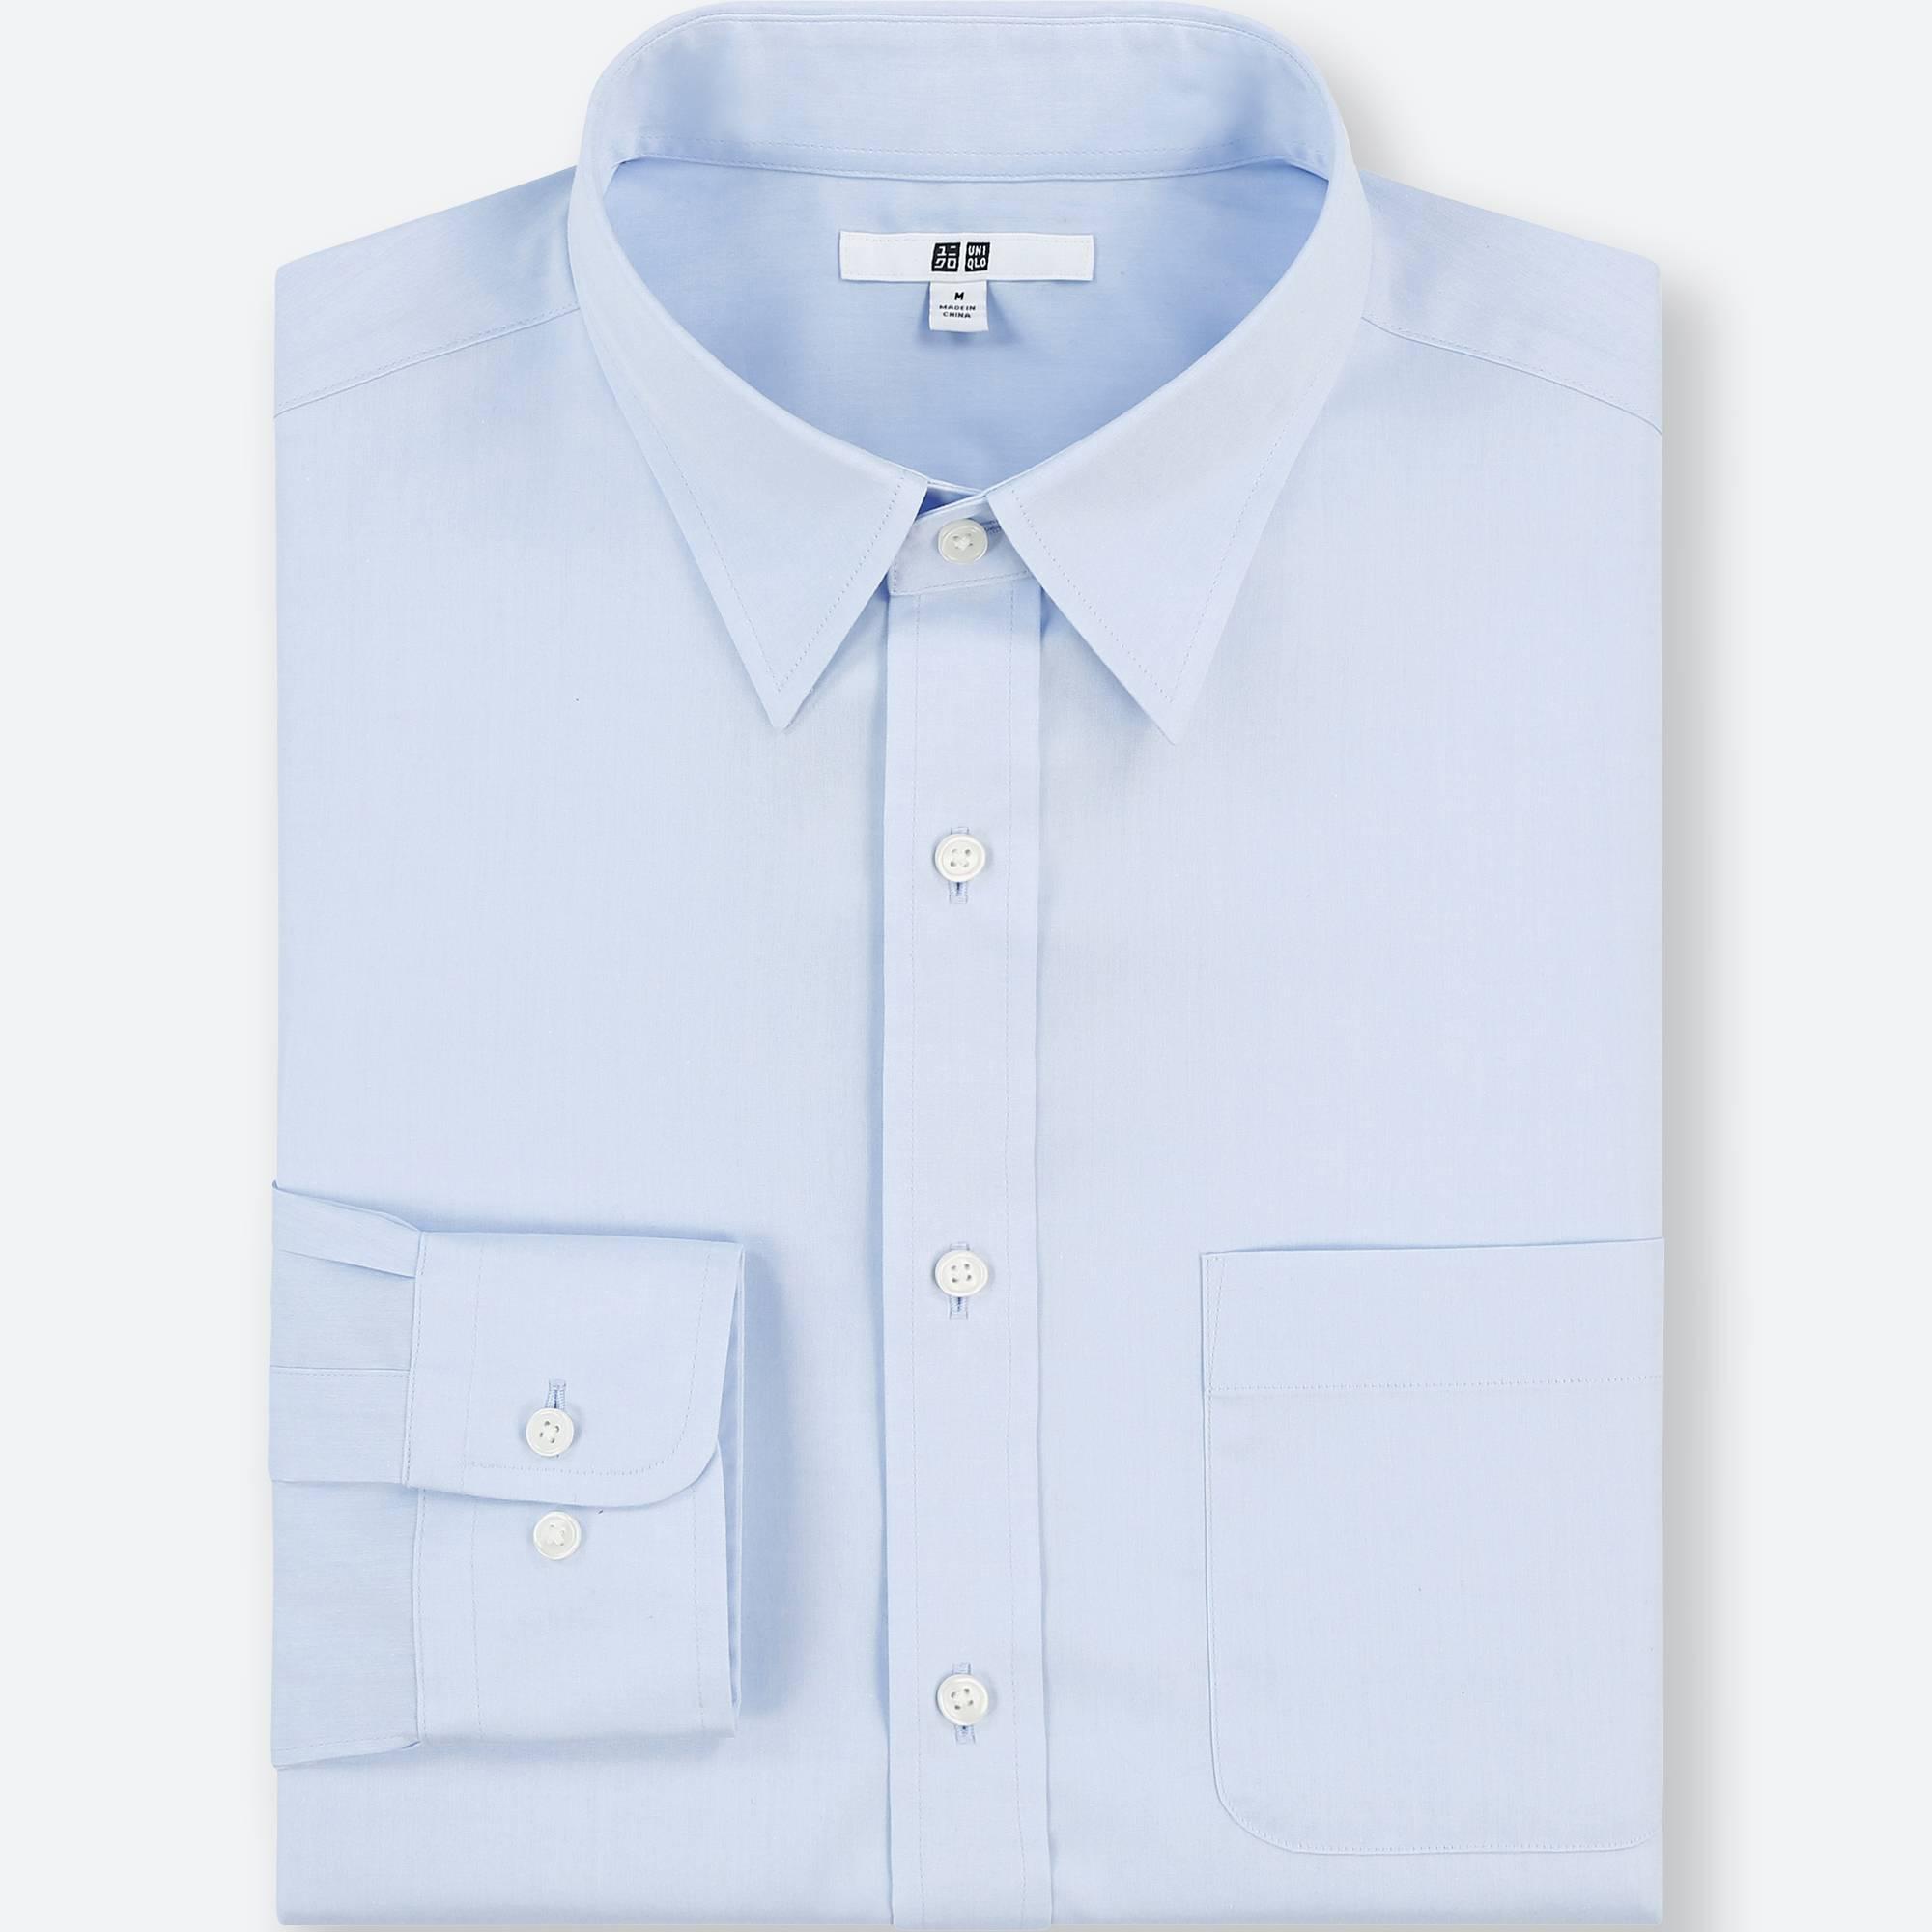 Shirt Coupon